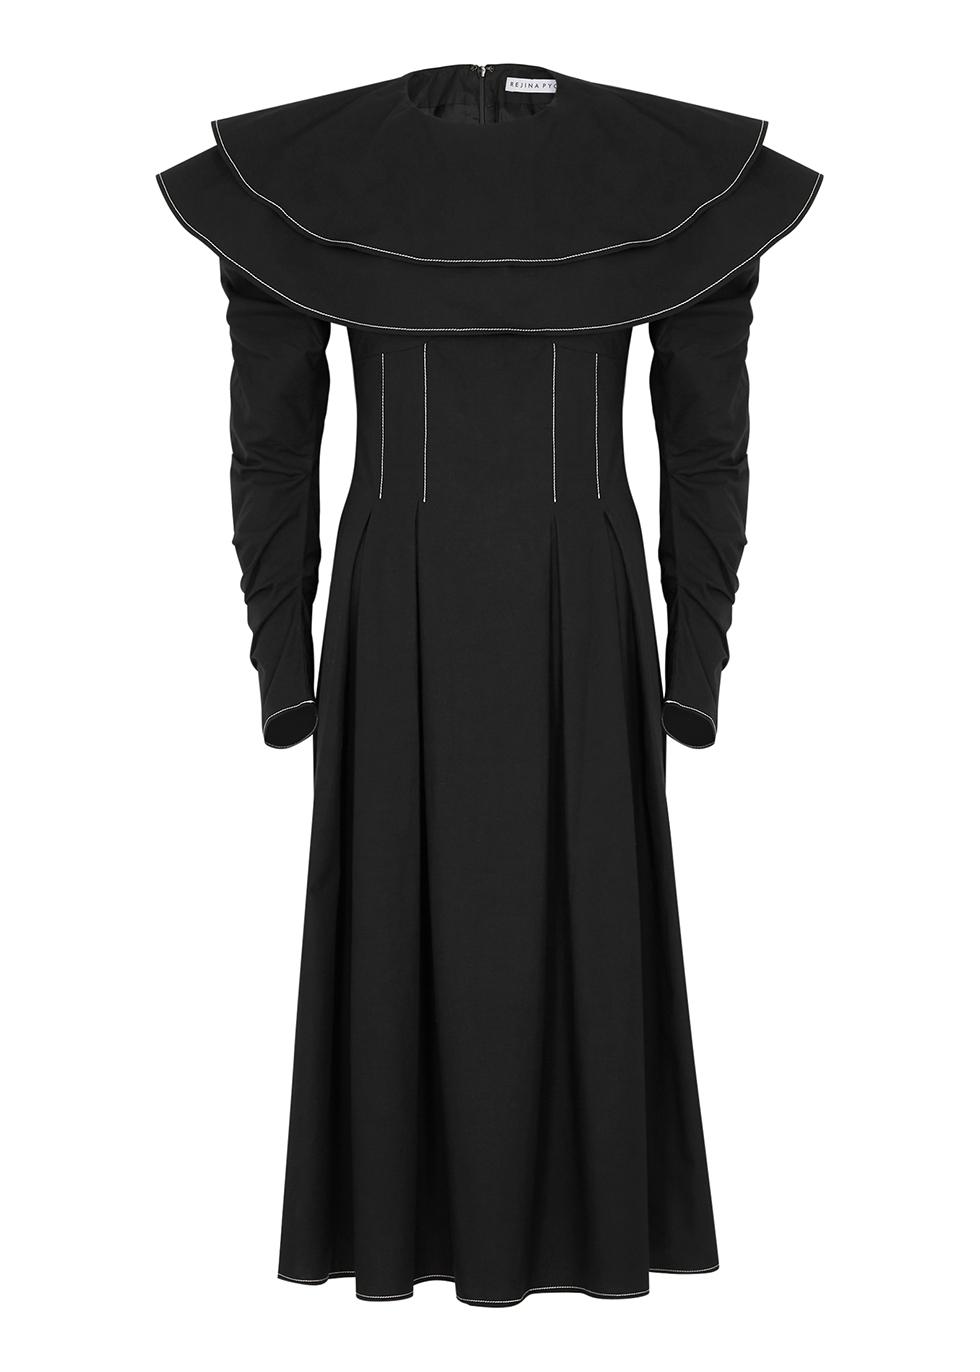 Faye black ruffled cotton dress